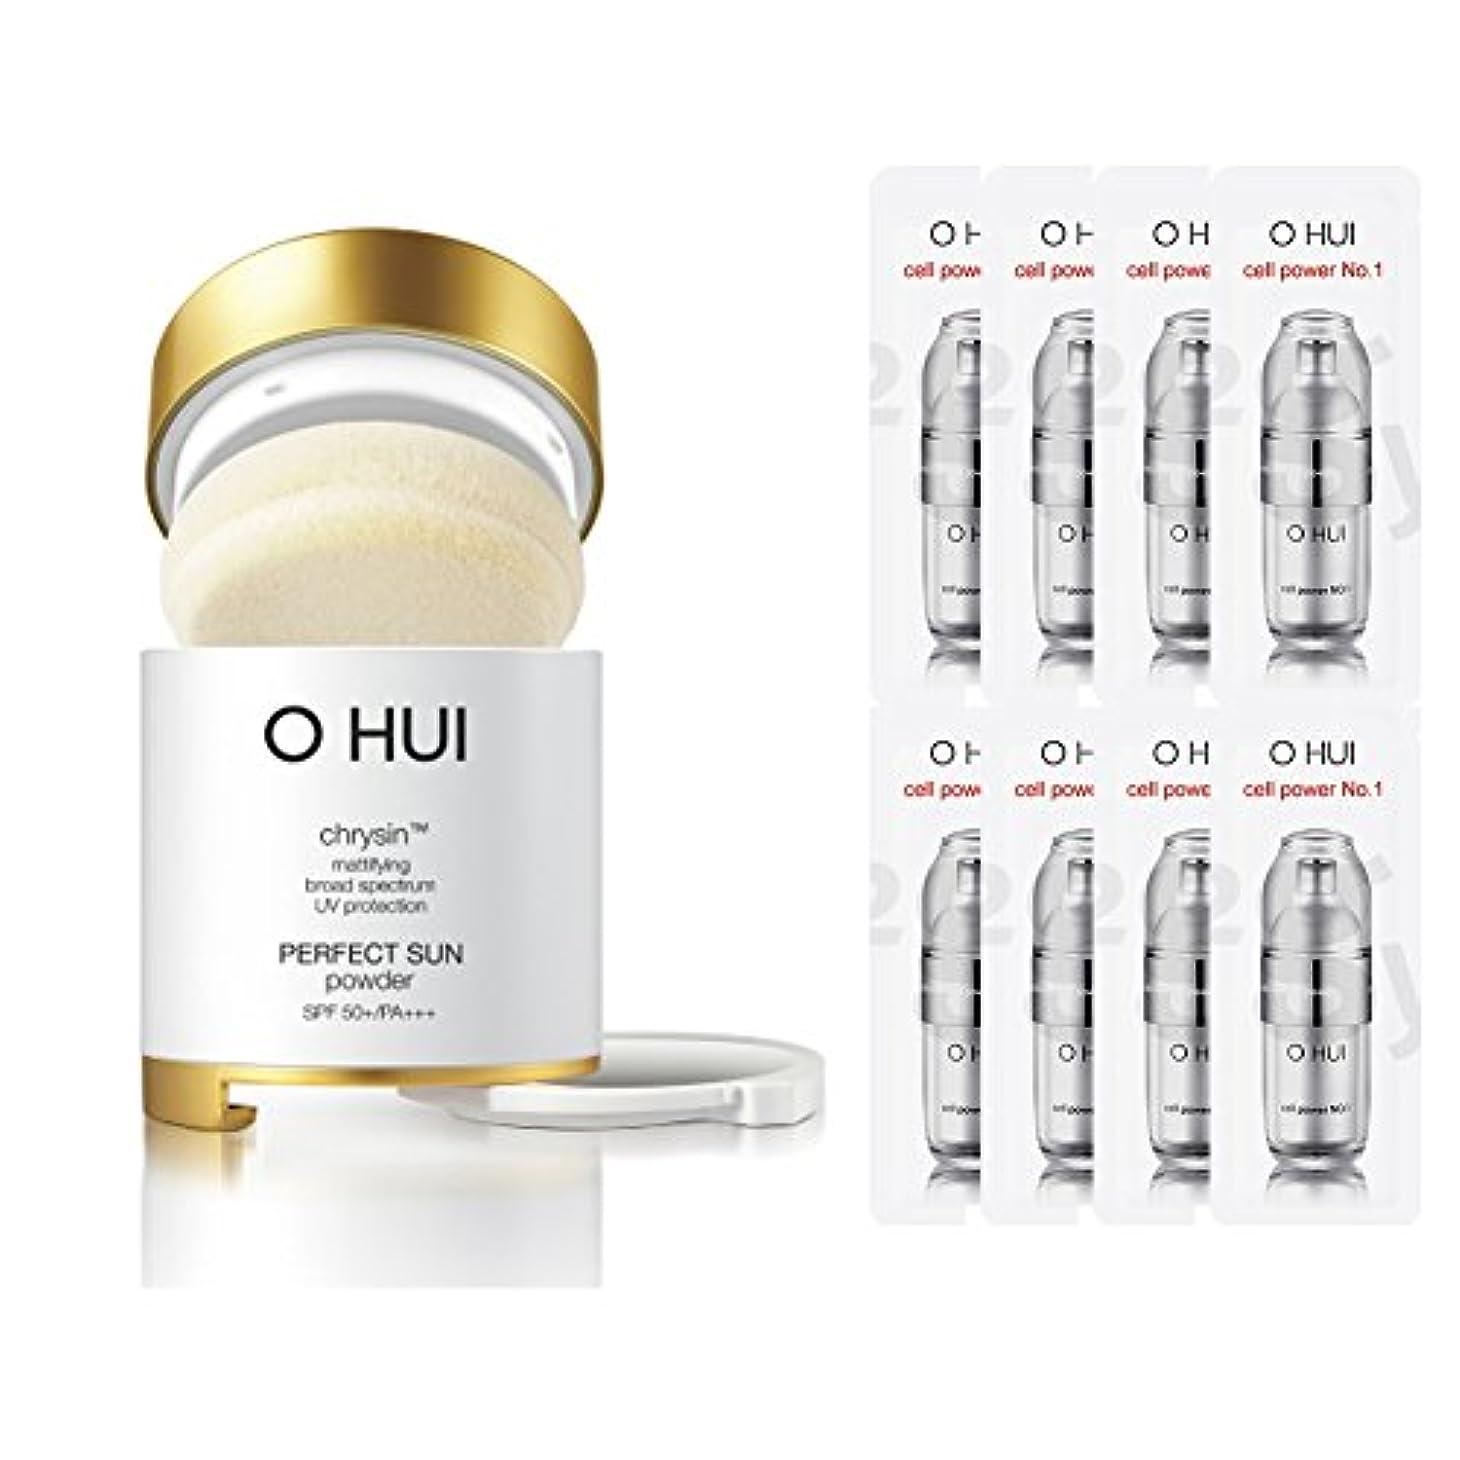 アパル化石トロイの木馬OHUI/オフィ2015年 パーフェクトサンパウダー (OHUI Version Perfect Sun Powder SPF50++PA+++ Special Gift set) スポット [海外直送品] (2号ベージュ)